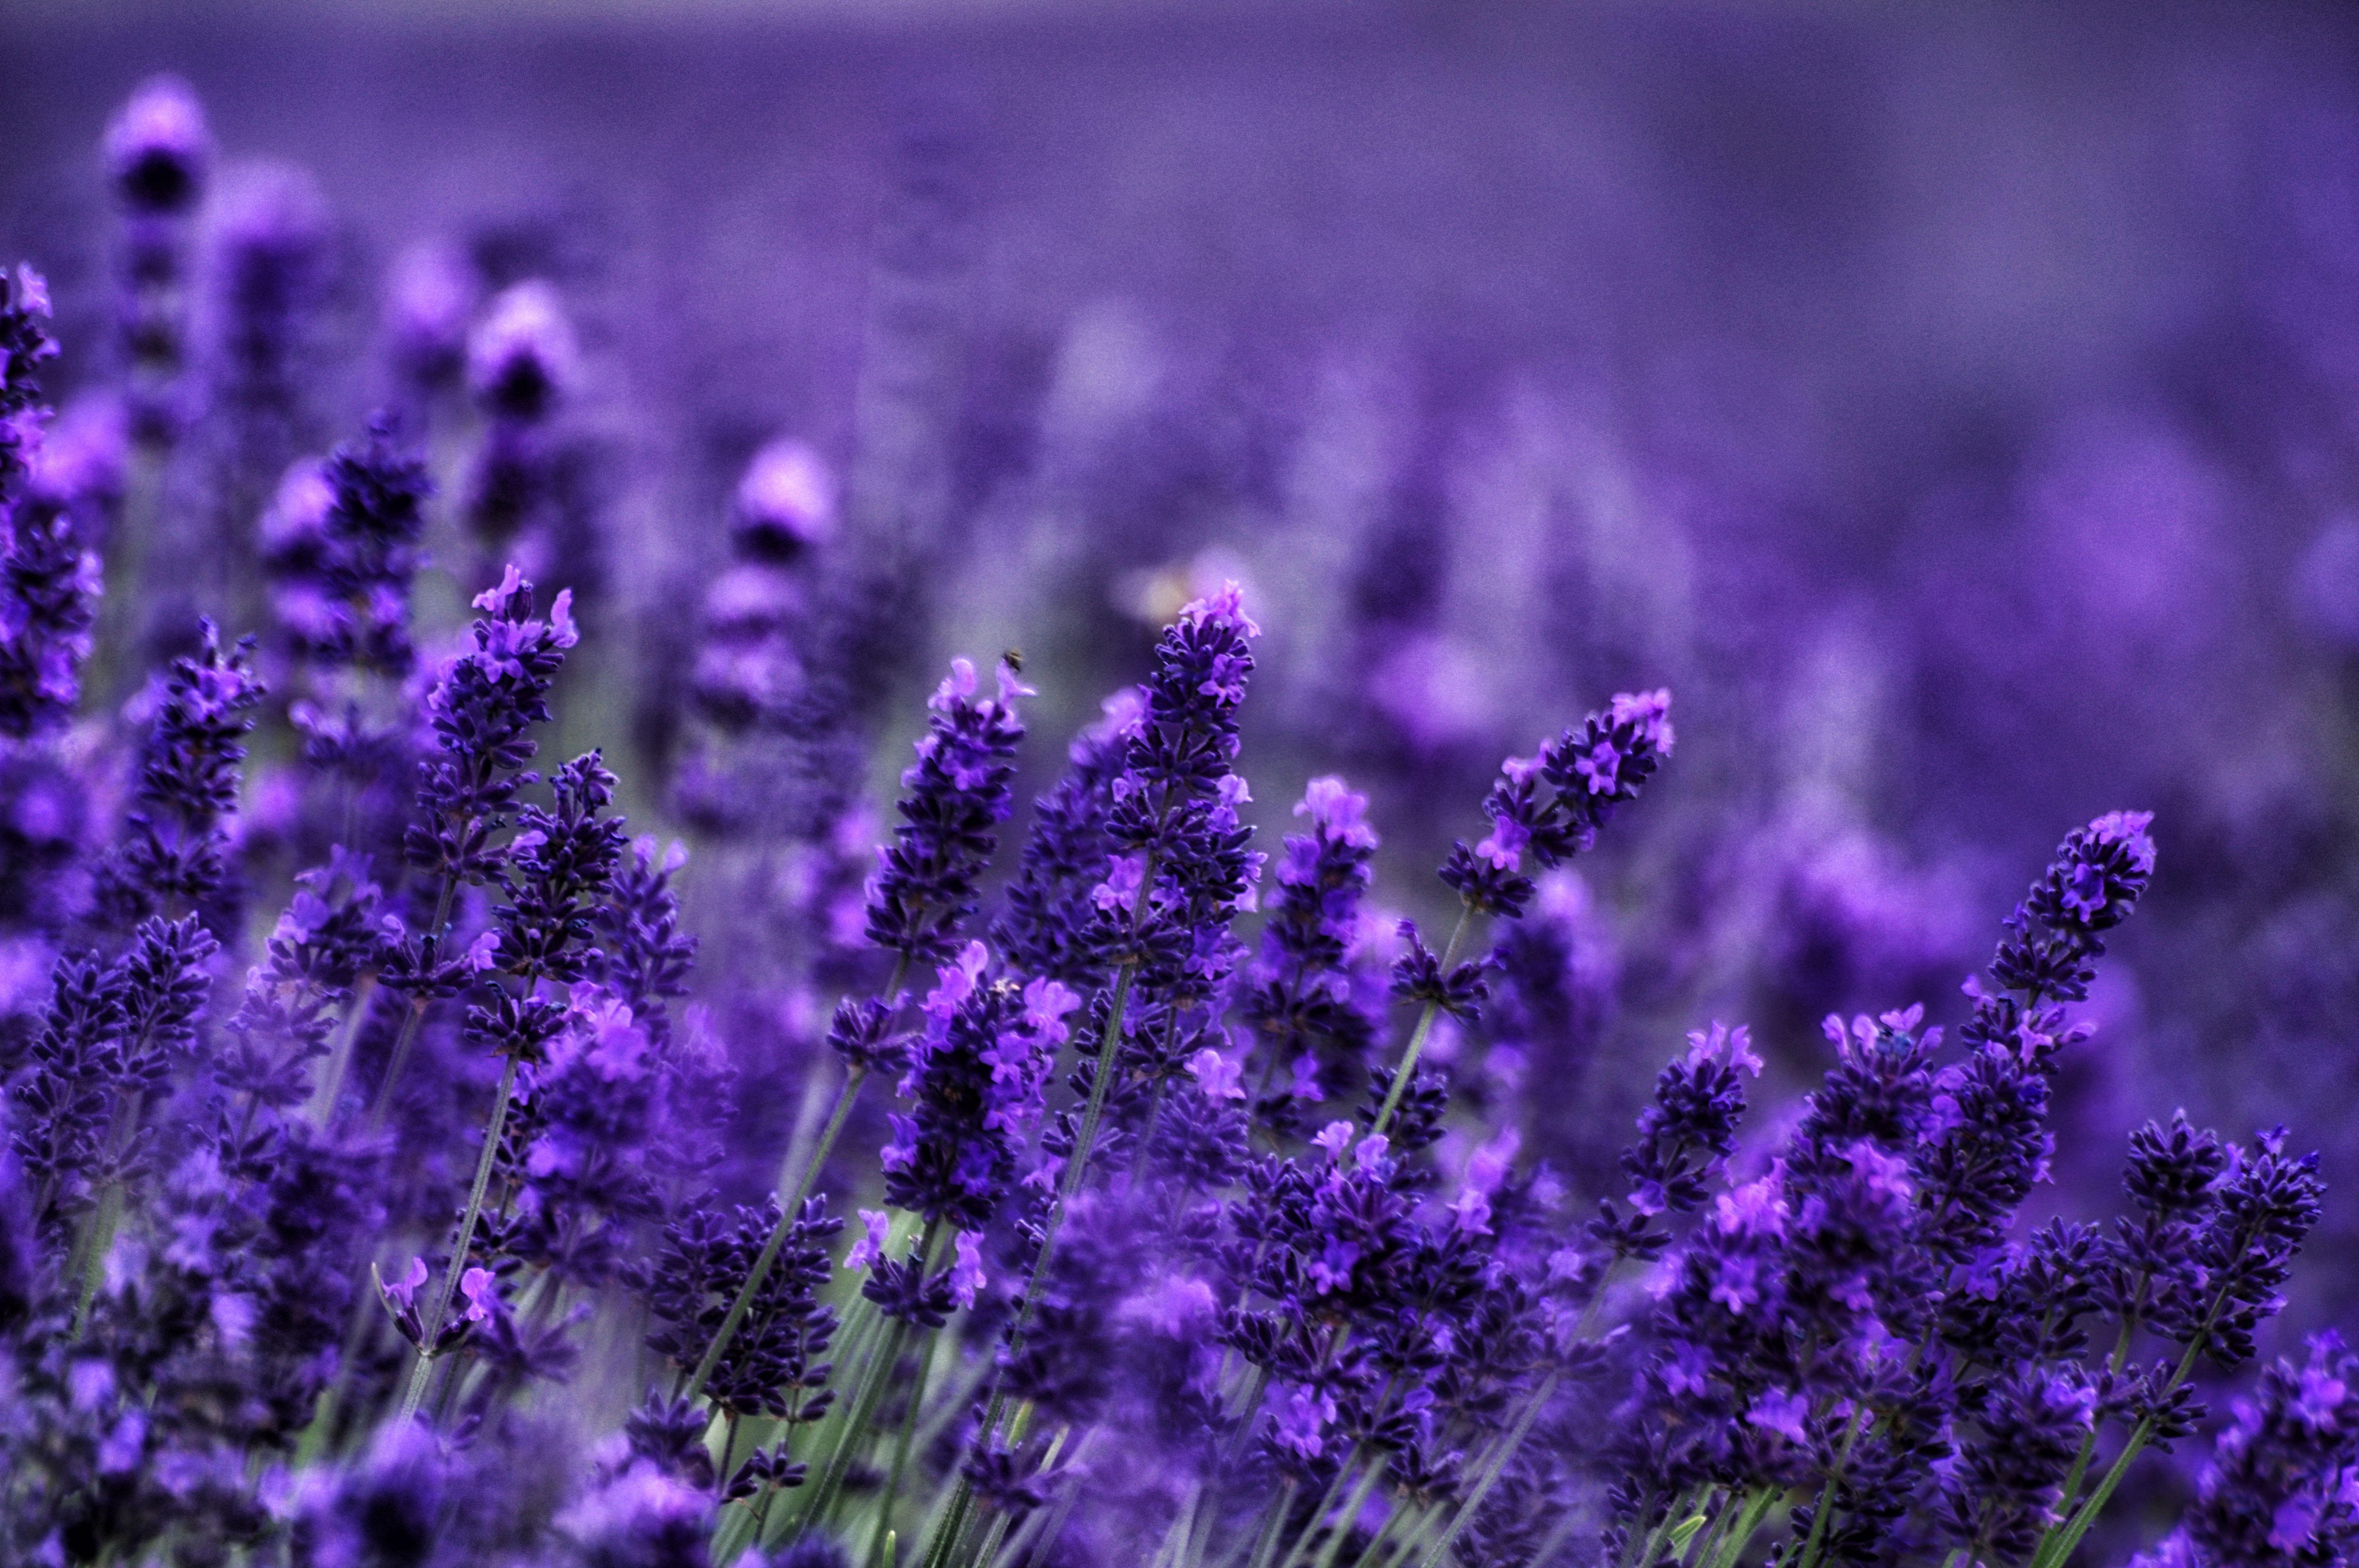 причины, картинки высокого разрешения фиолетовые каждая